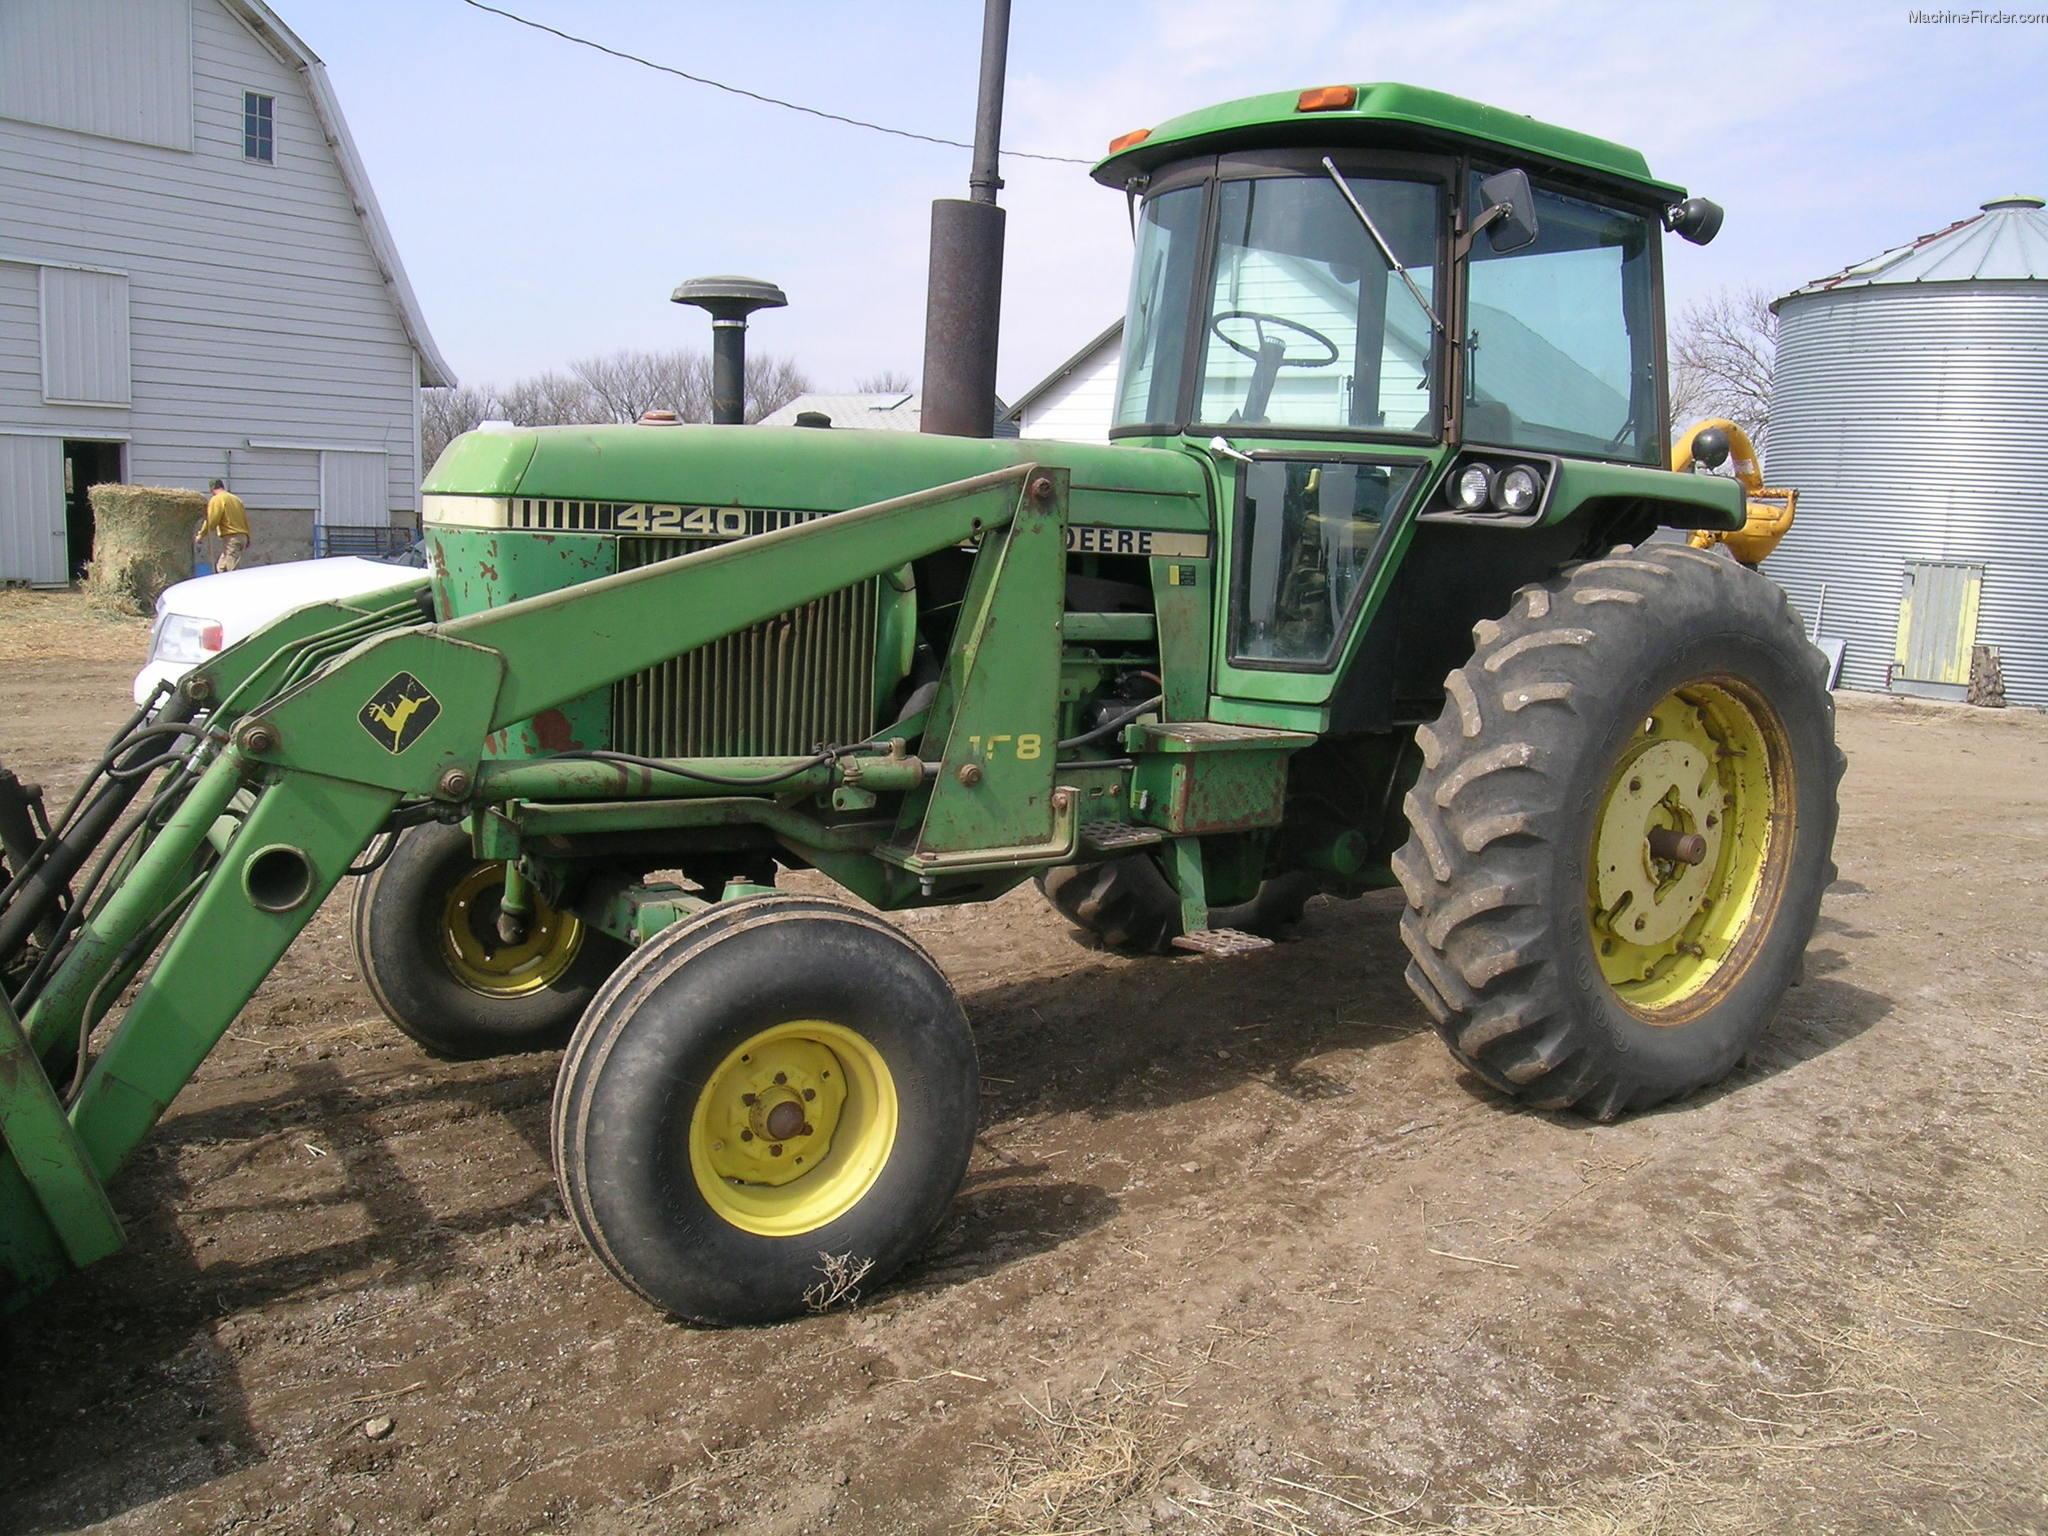 1979 John Deere 4240 Tractors - Row Crop (+100hp) - John ...